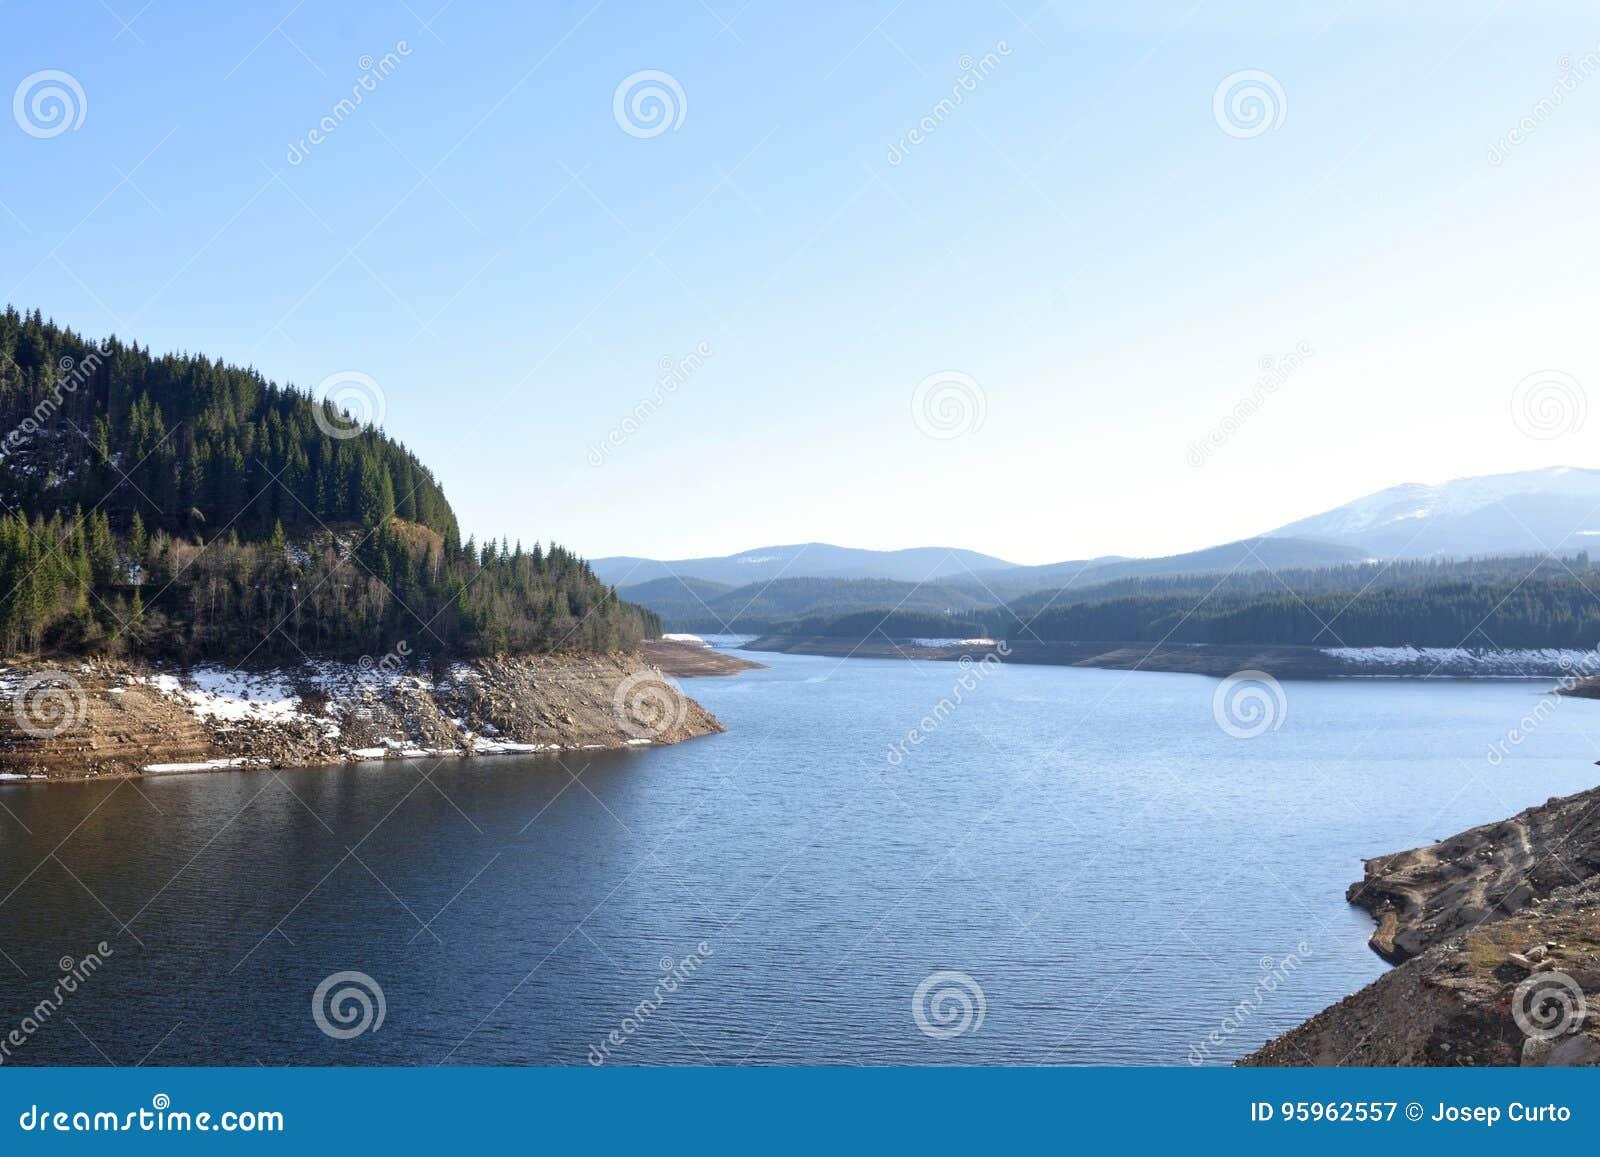 Lake of Lacul Vidraru, Transfagarasan, Romania